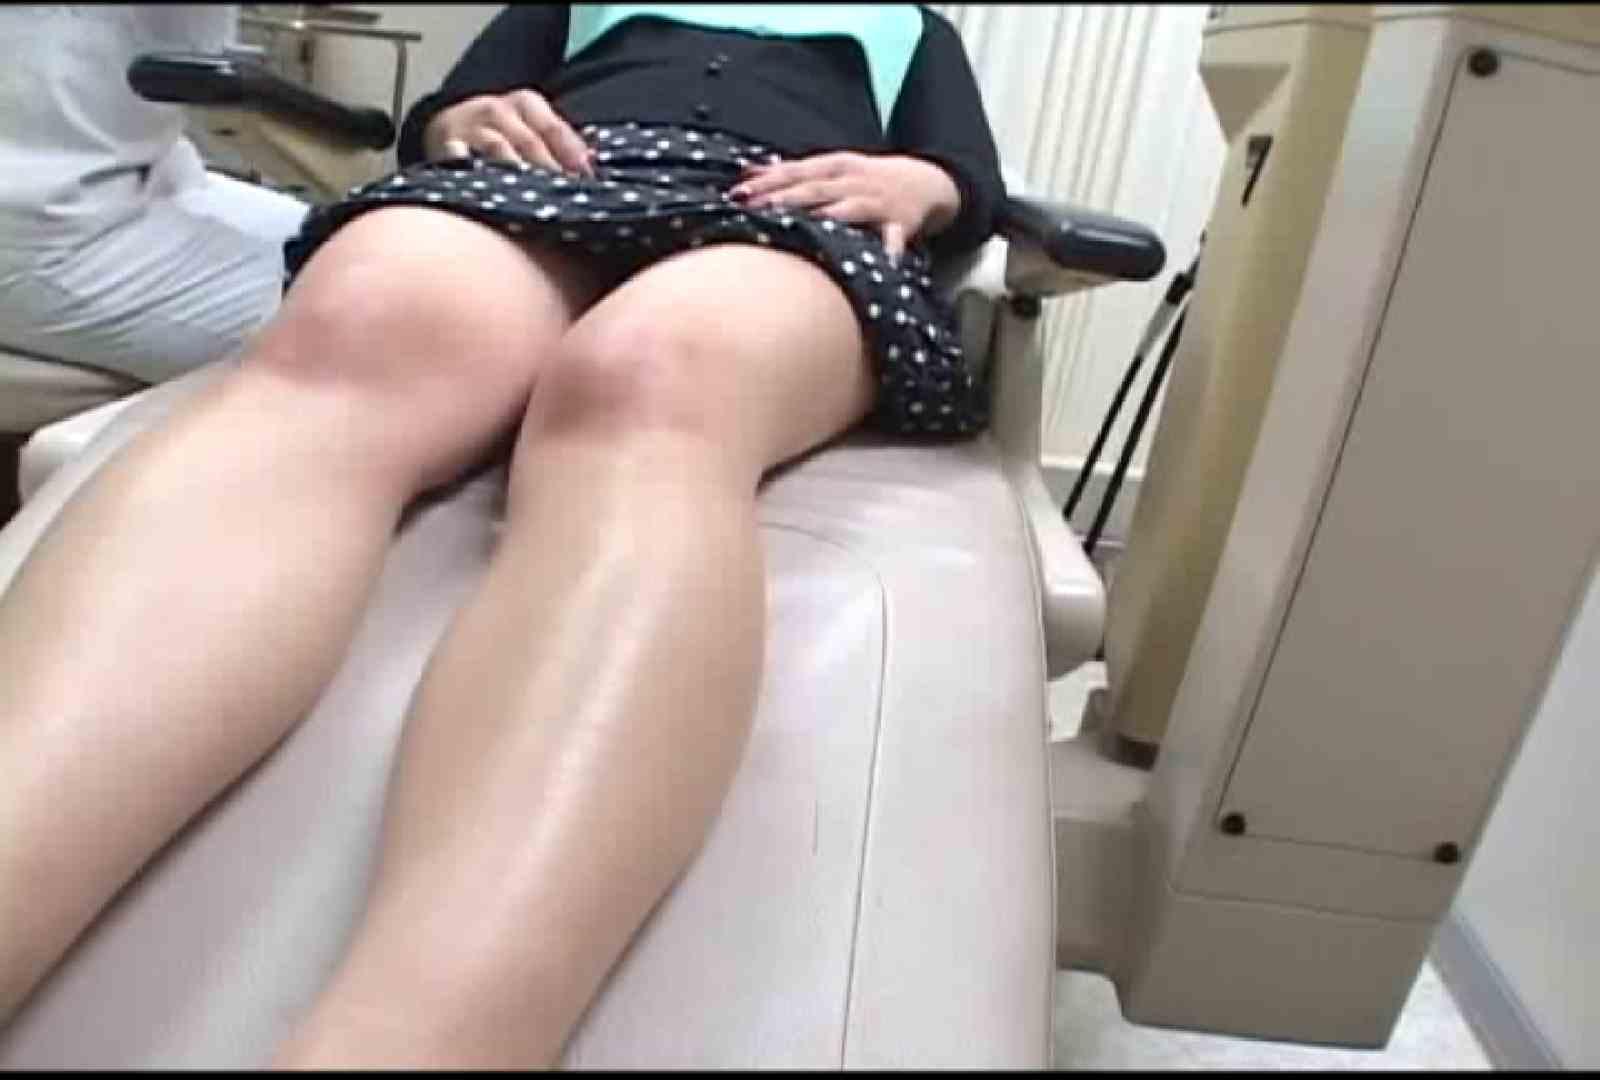 看護師が流出させた歯科医院接写パンツVol.2 パンツ大放出 | OLの実態  83pic 33